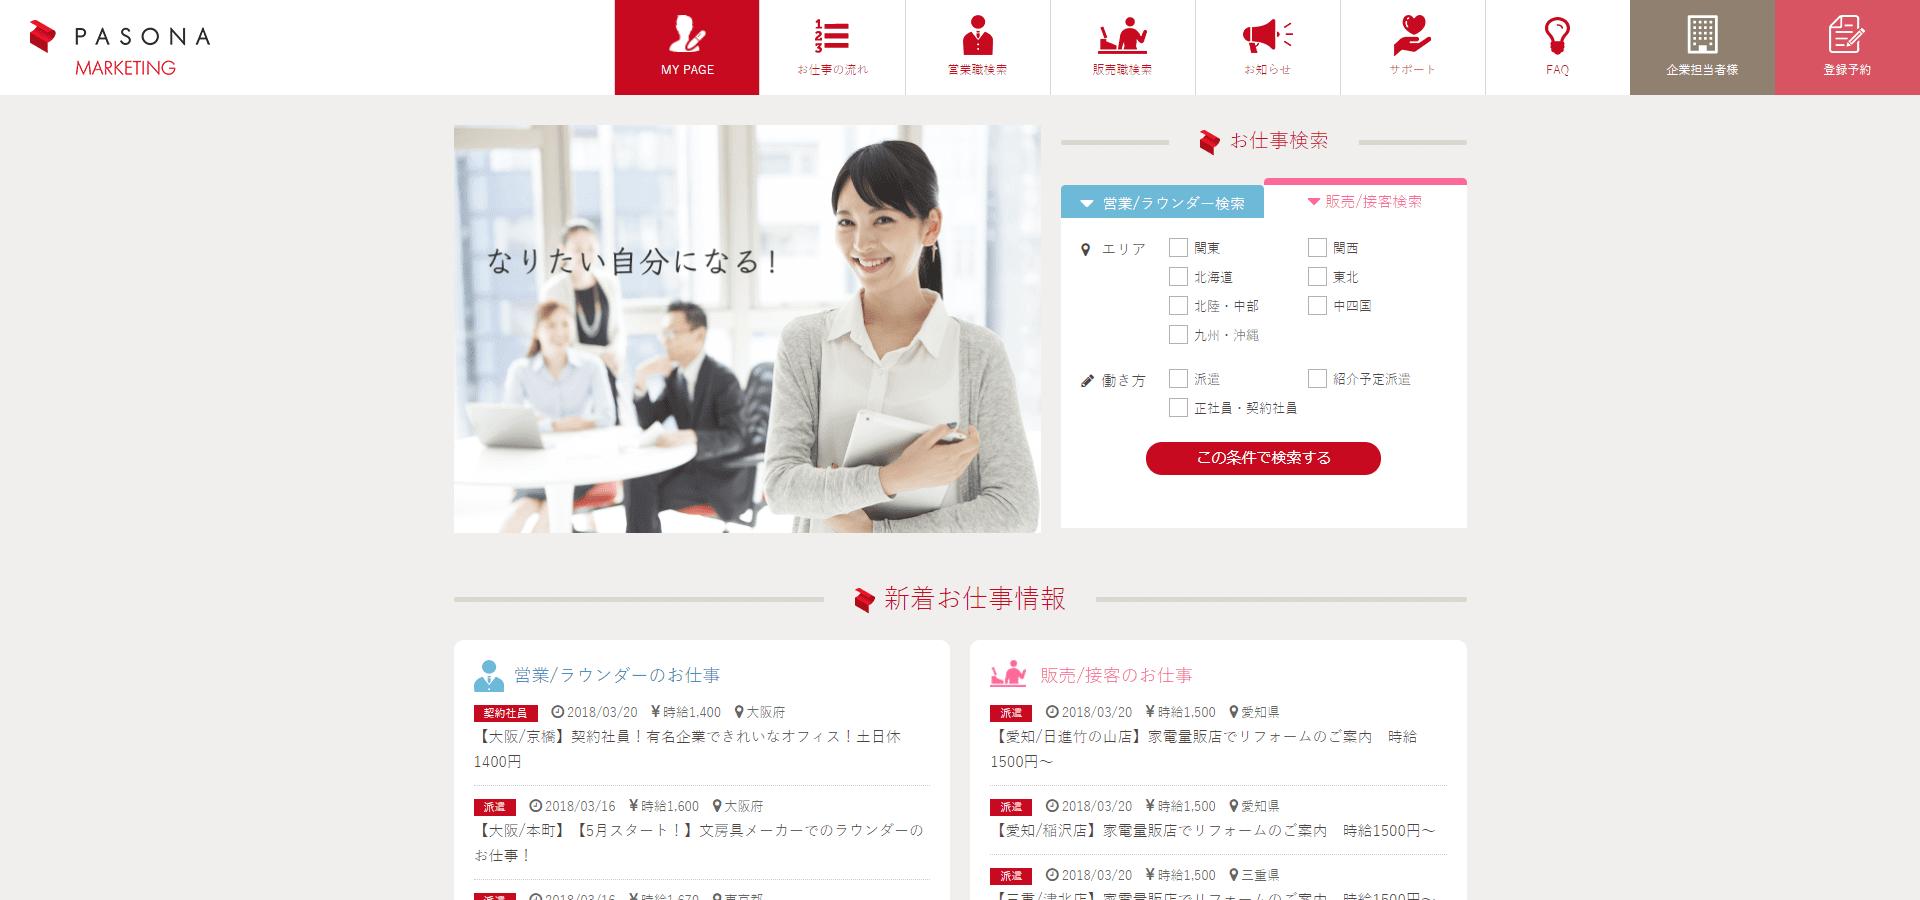 パソナマーケティングのホームページ画像